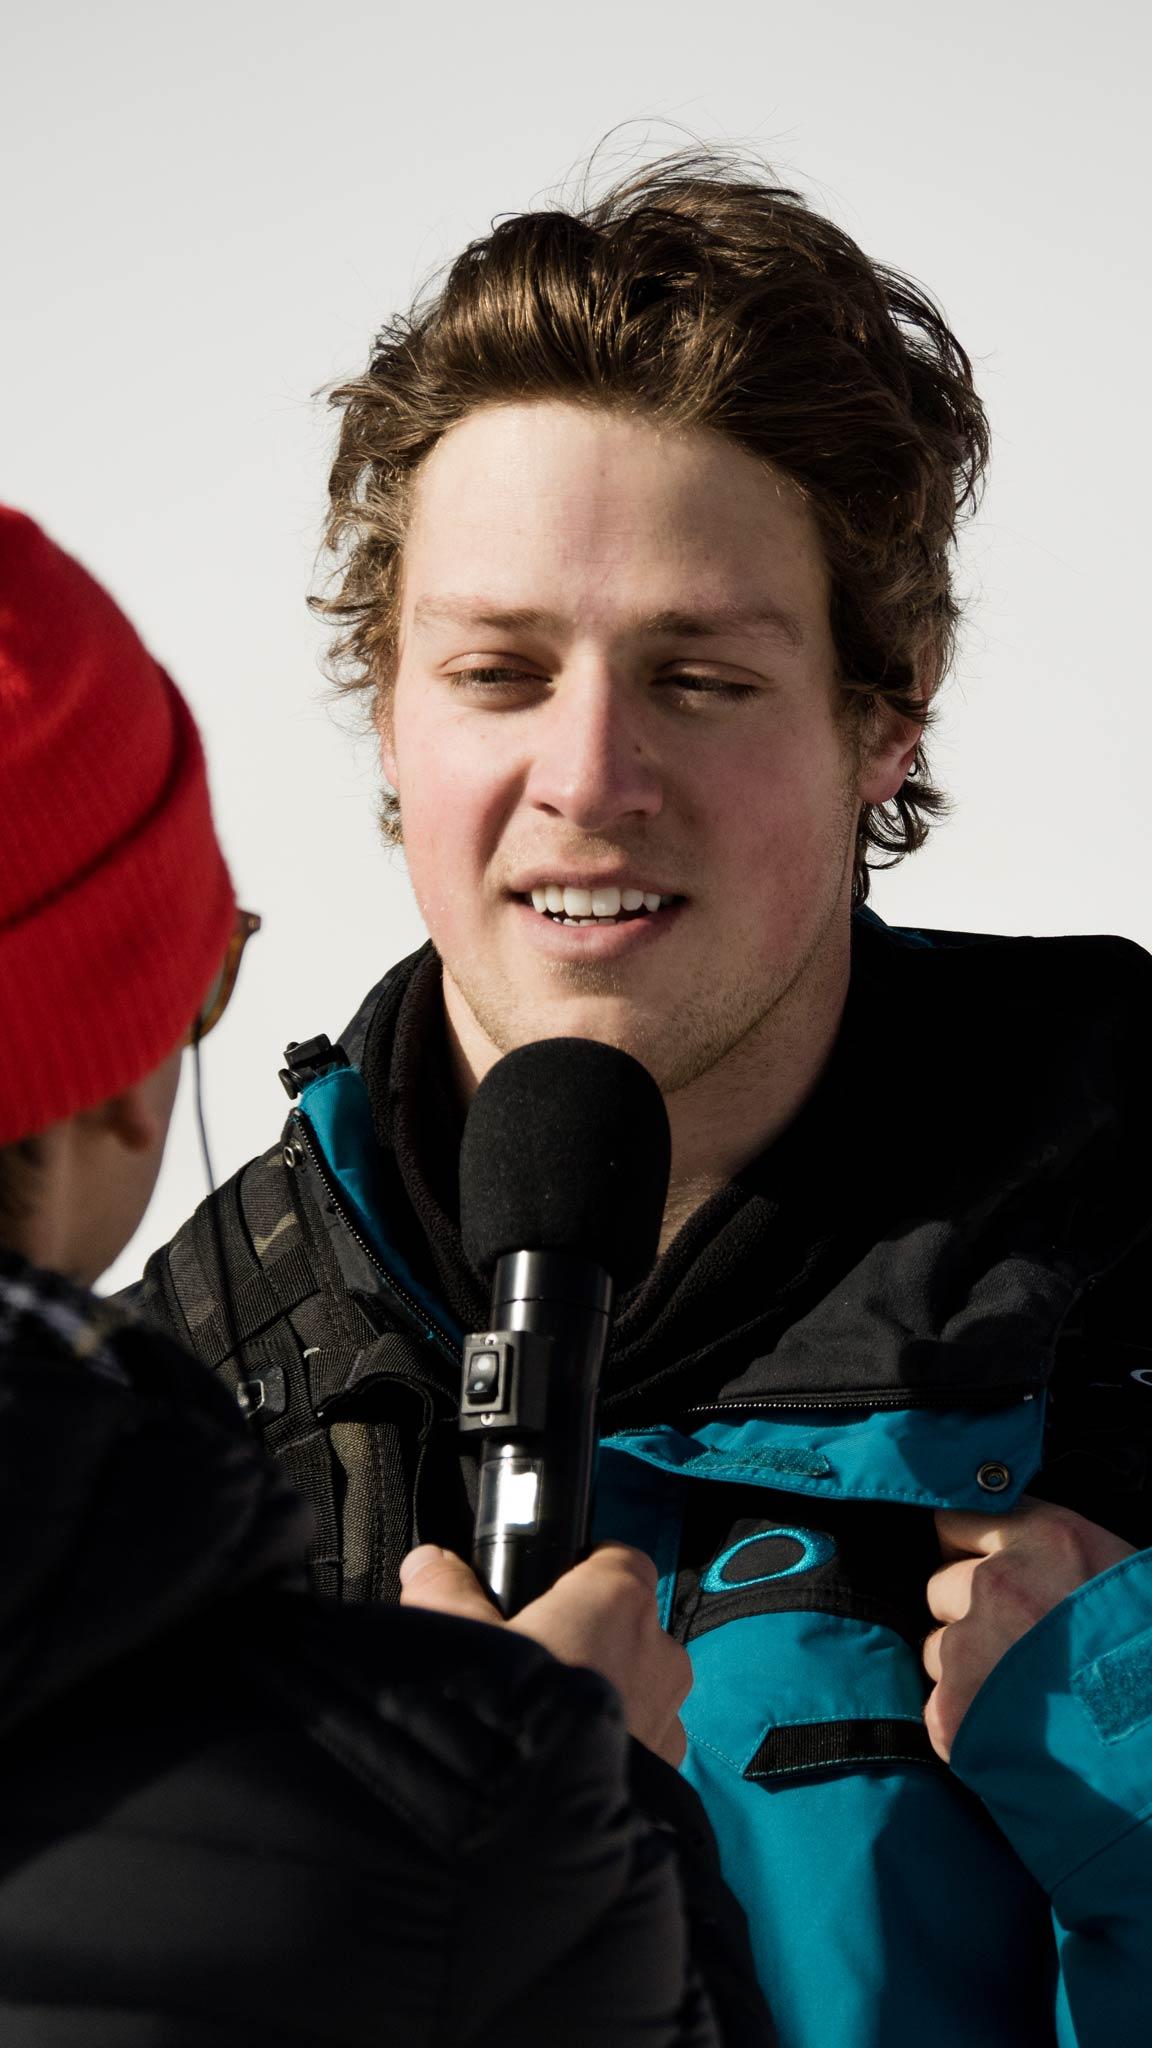 Der Olympia-Sieger von 2014 Joss Christensen war im Finale nicht mit dabei ...